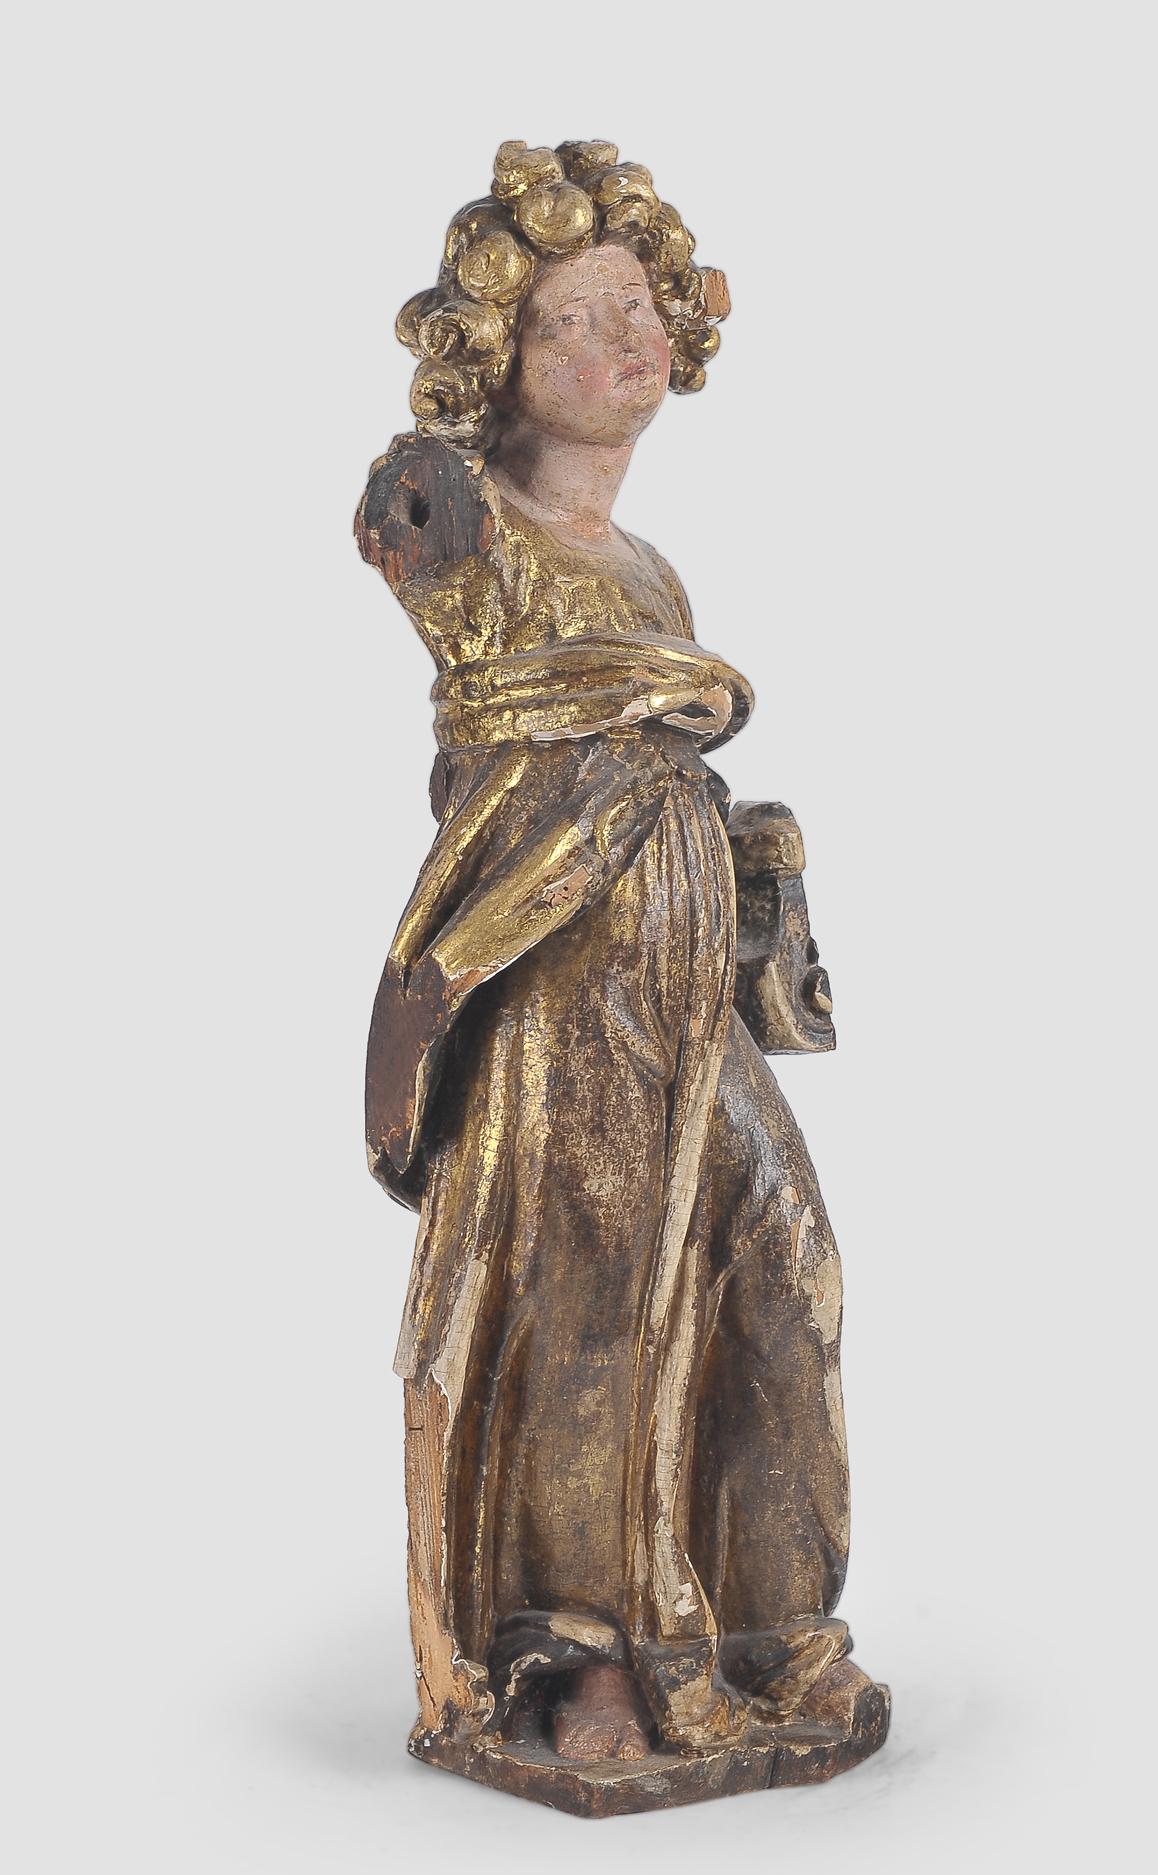 Stehender Engel, Süddeutsch, 17. Jahrhundert - Image 2 of 5